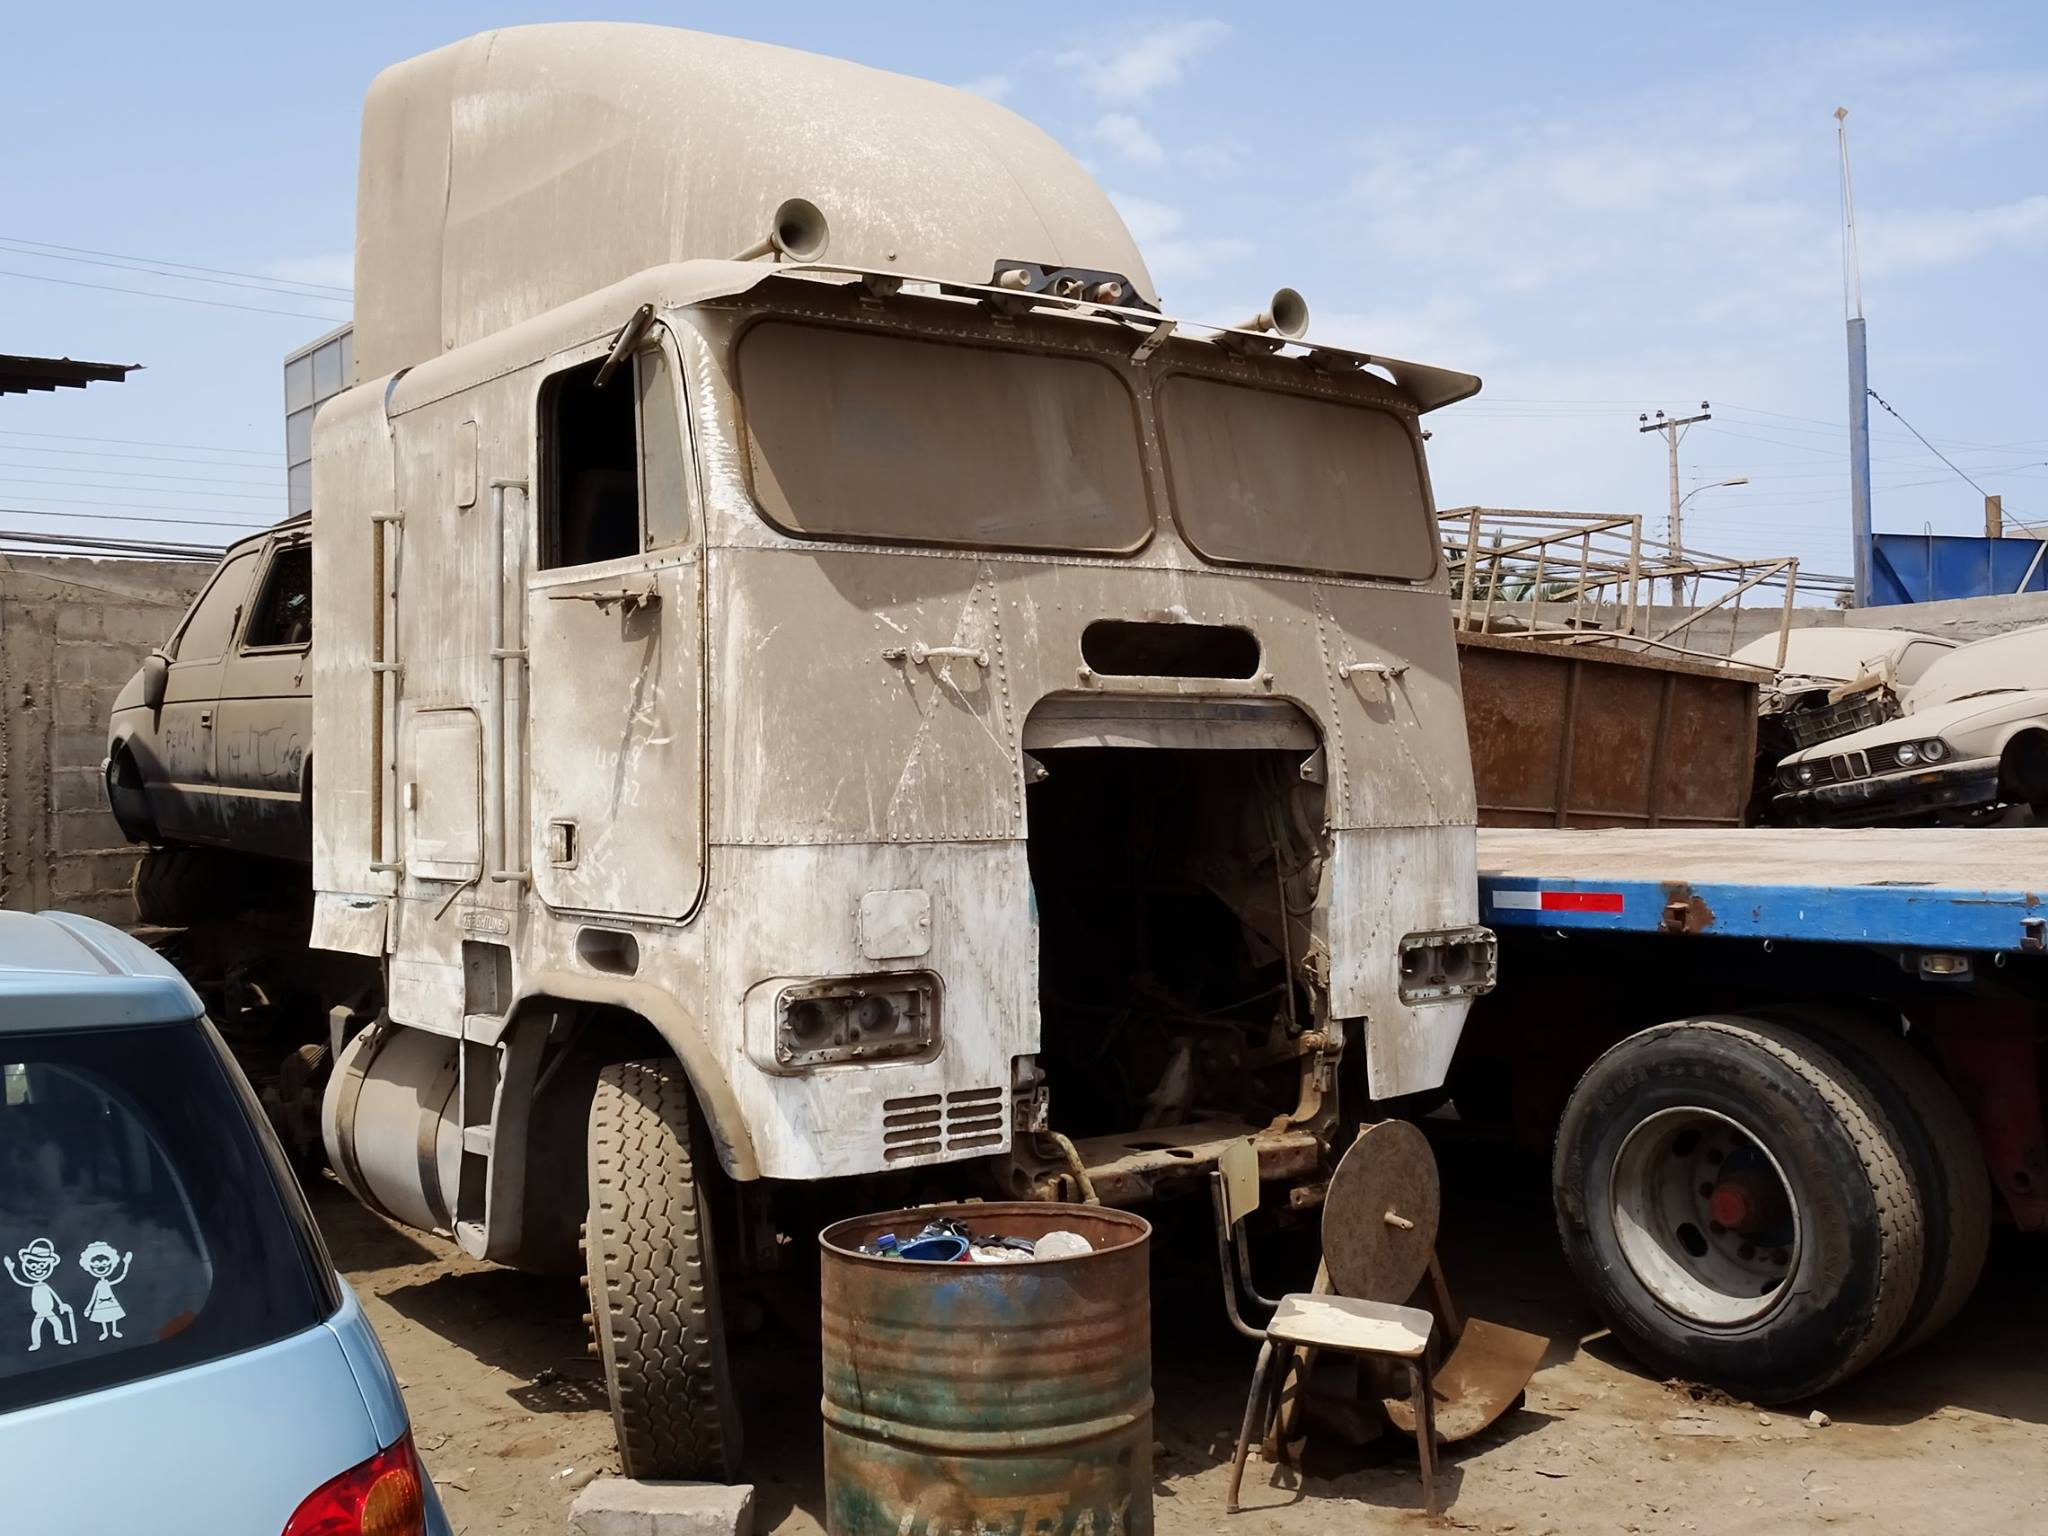 Camiones-vieja-escuela-olvidados-47